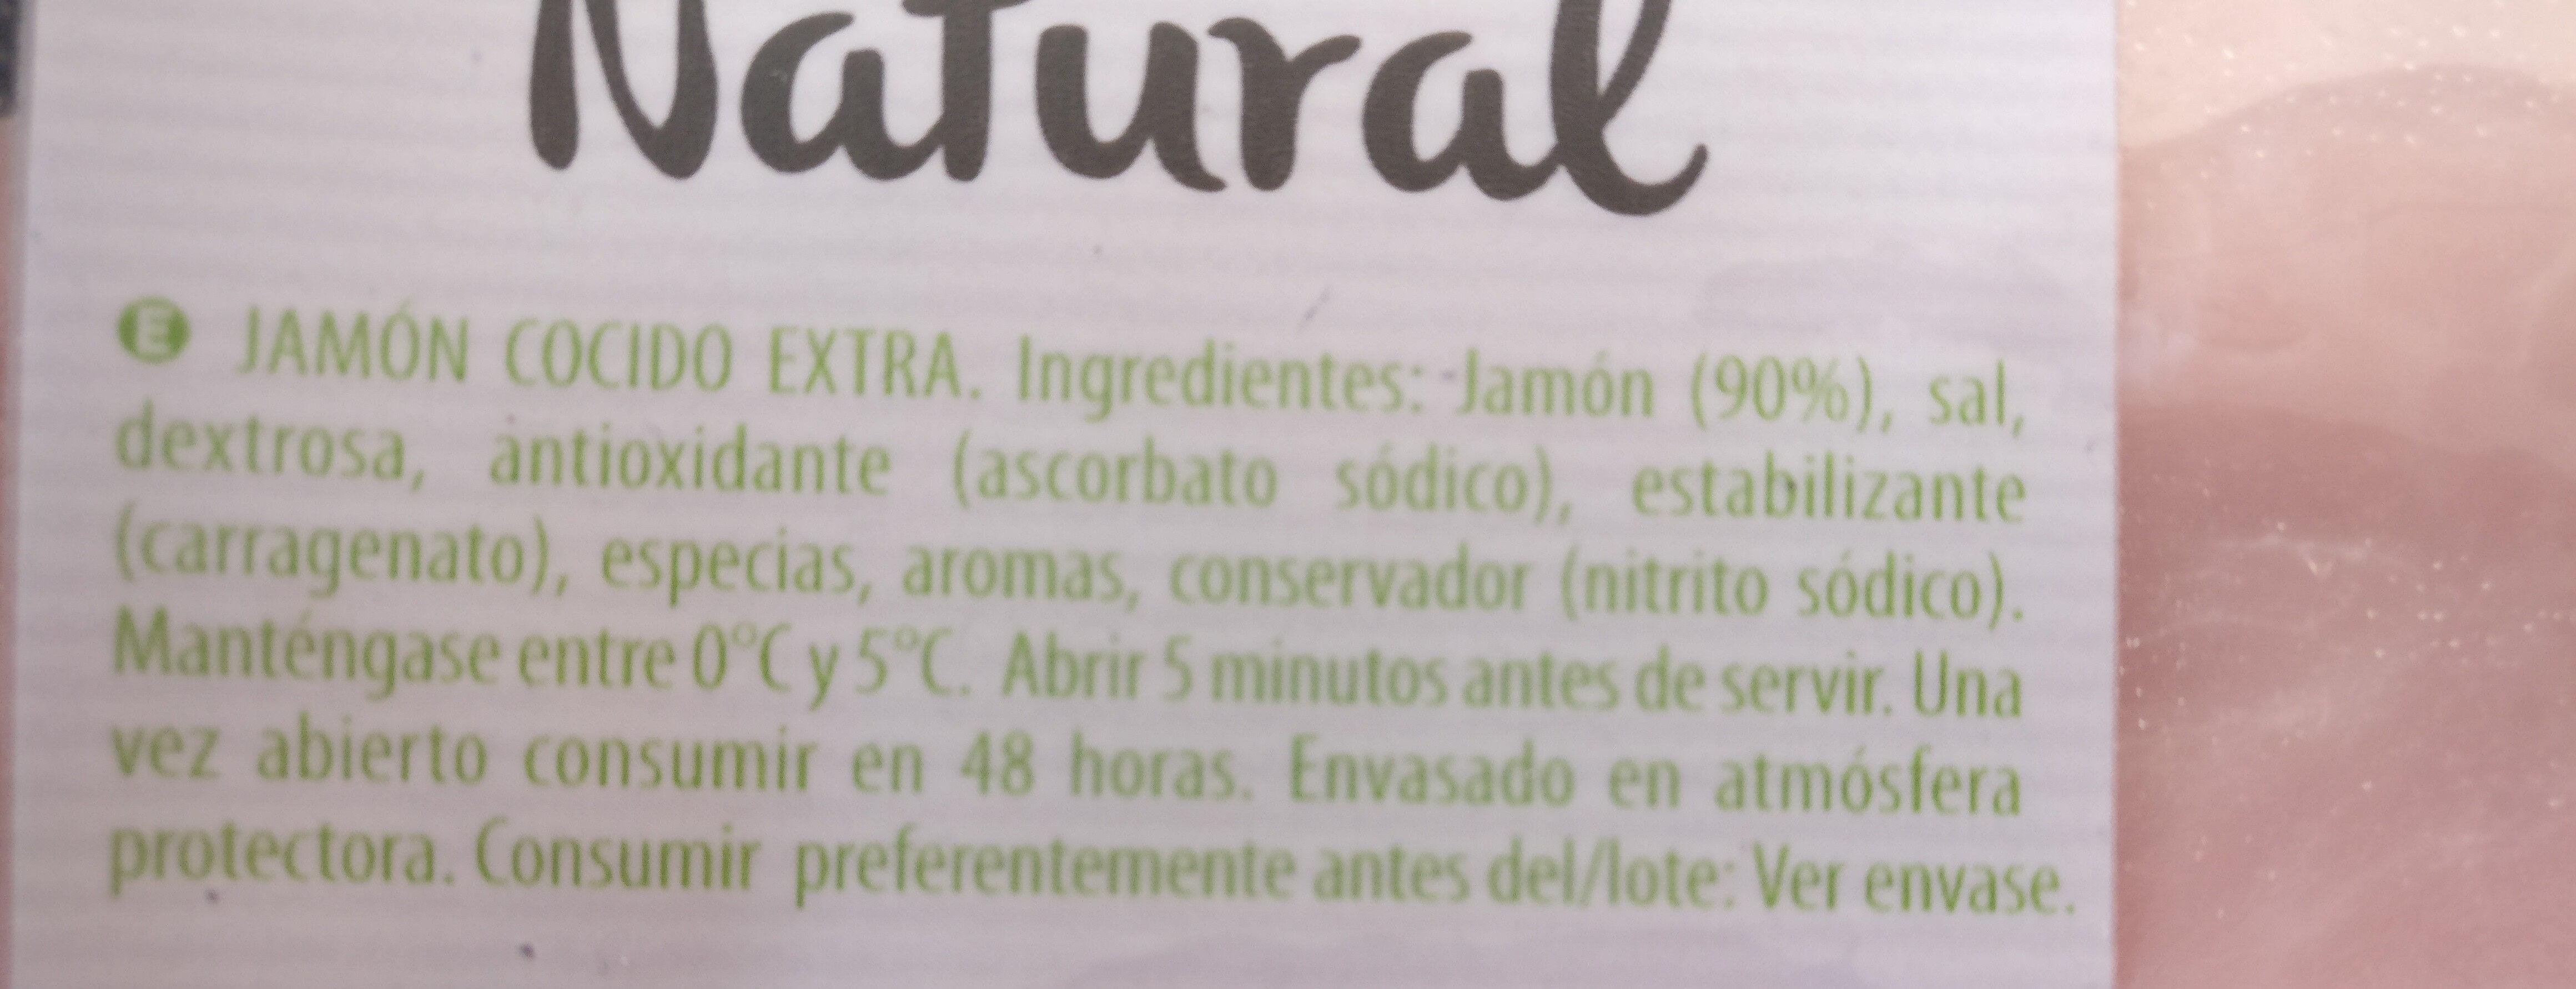 Jamón cocido fiambre natural - Ingredientes